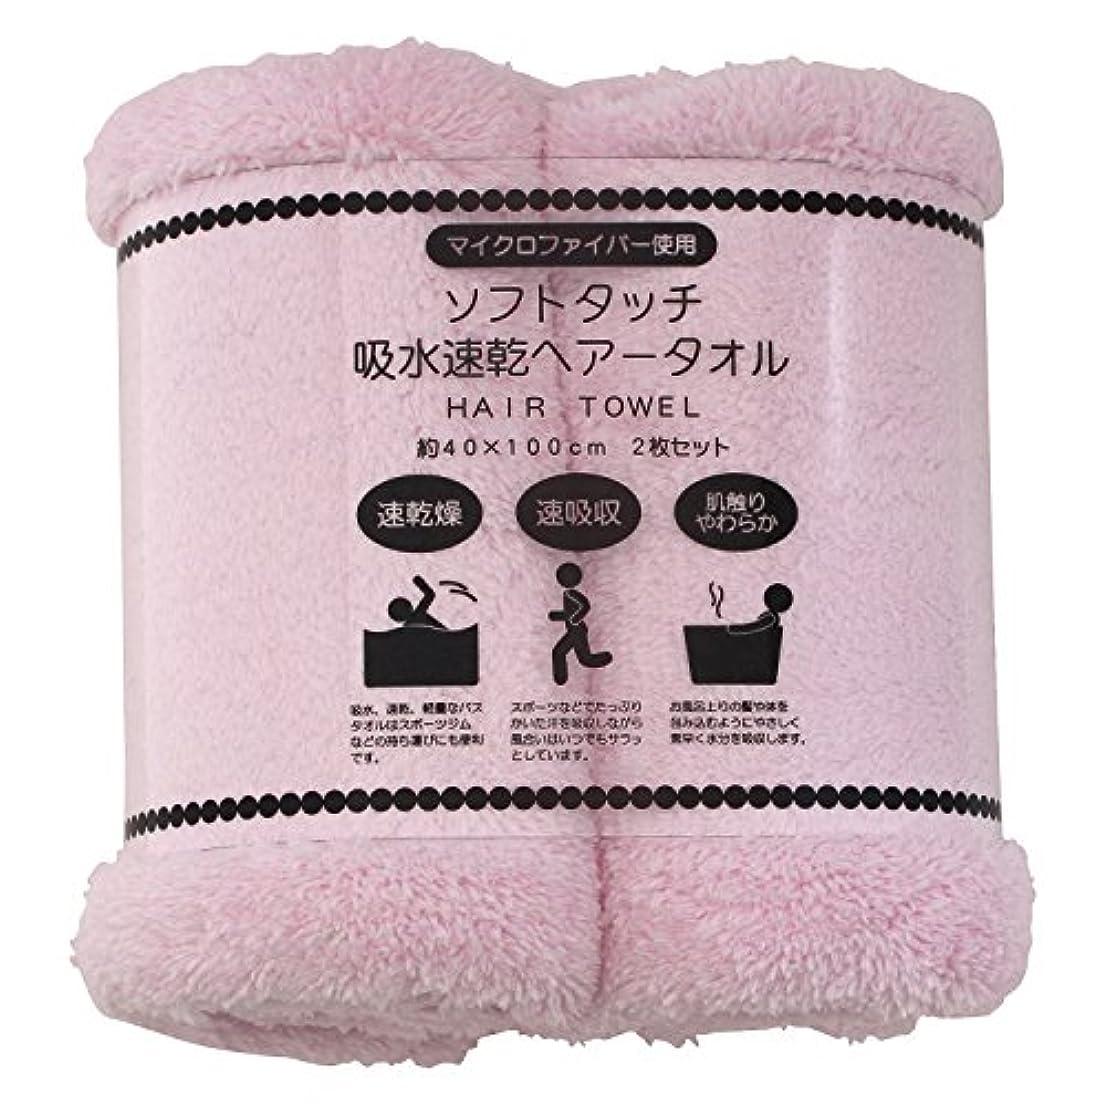 効果データママソフトタッチ吸水速乾ヘアータオル 40×100cm 2枚セット ピンク